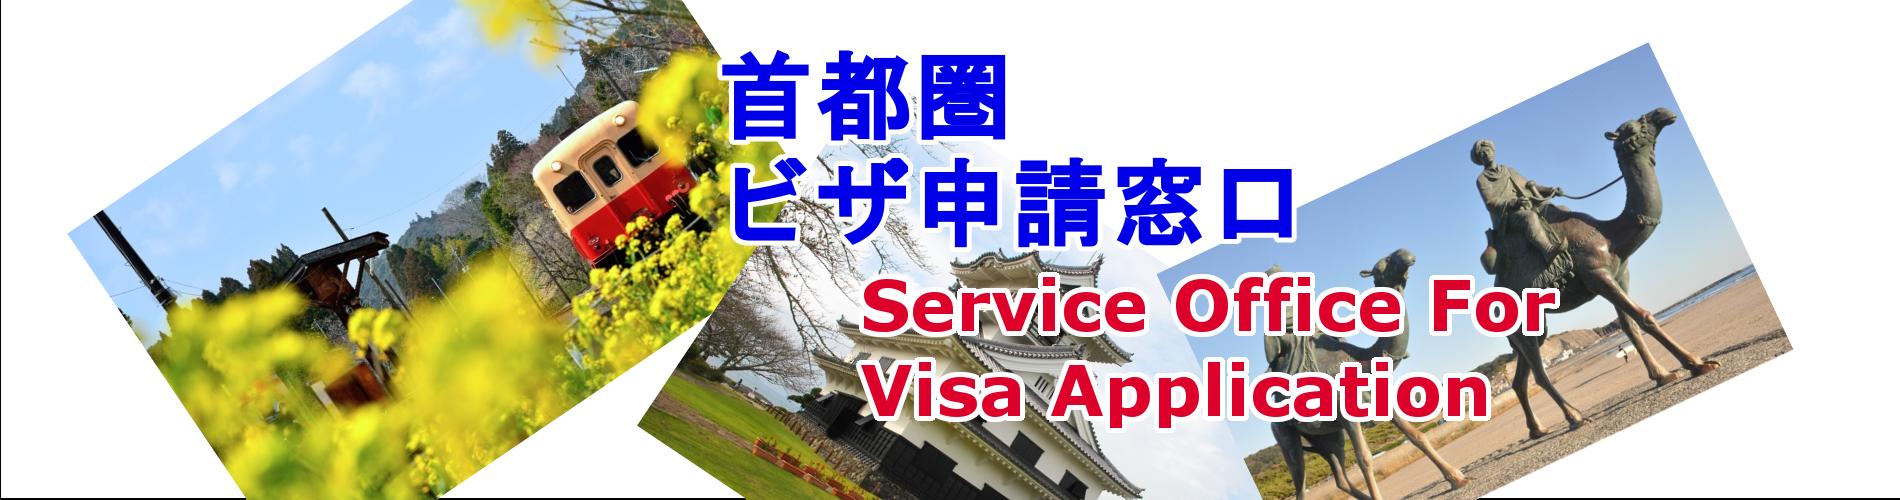 外国人帰化・ビザ申請支援事務所 運営:行政書士髙栁道隆法務事務所